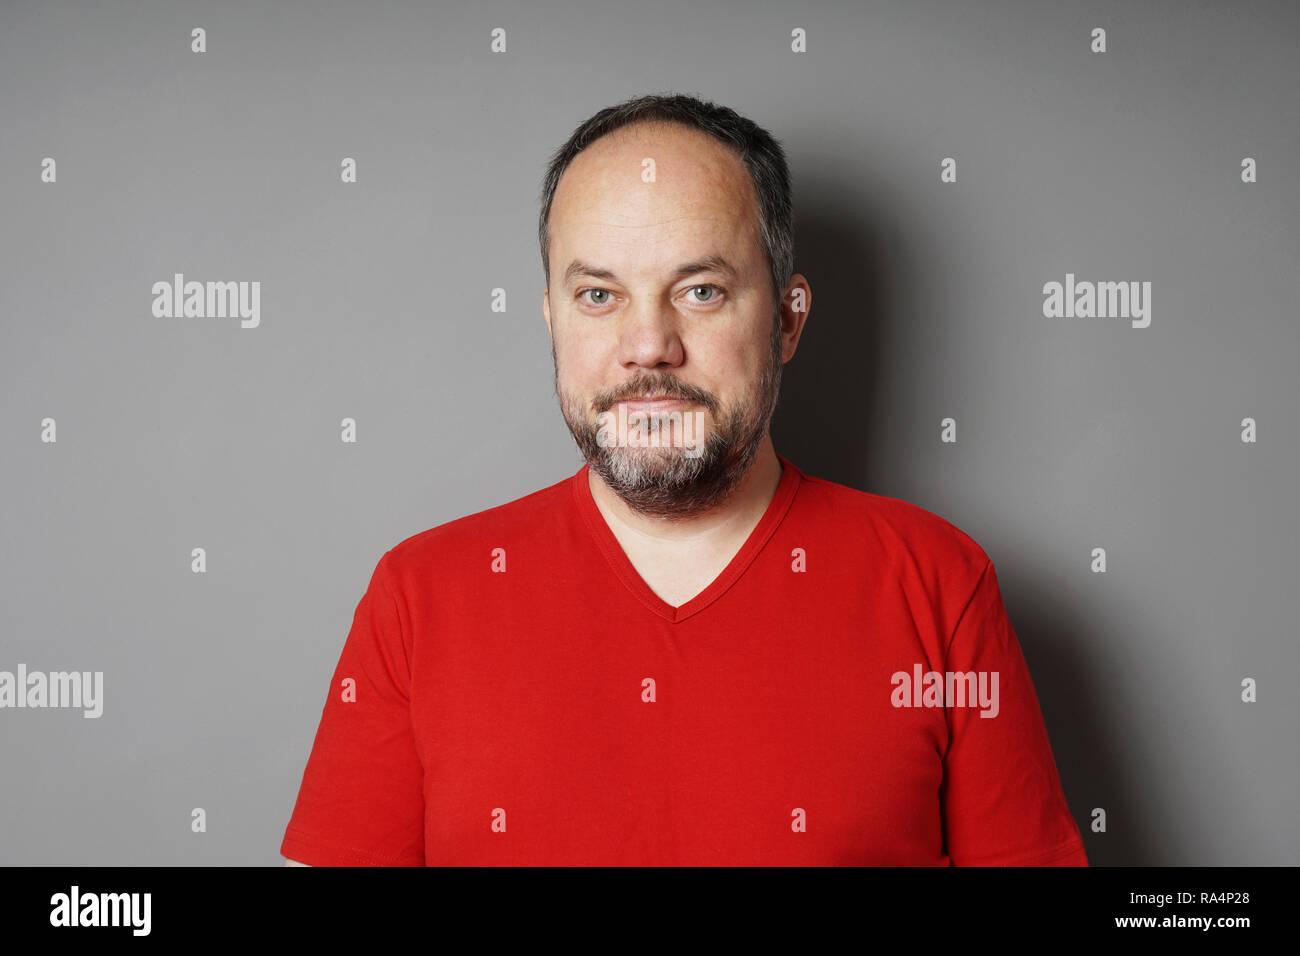 Un varón de mediana edad en su 40s vistiendo camiseta roja con pelo corto moreno y encanecimiento barba smirking - pared gris fondo con espacio de copia Imagen De Stock